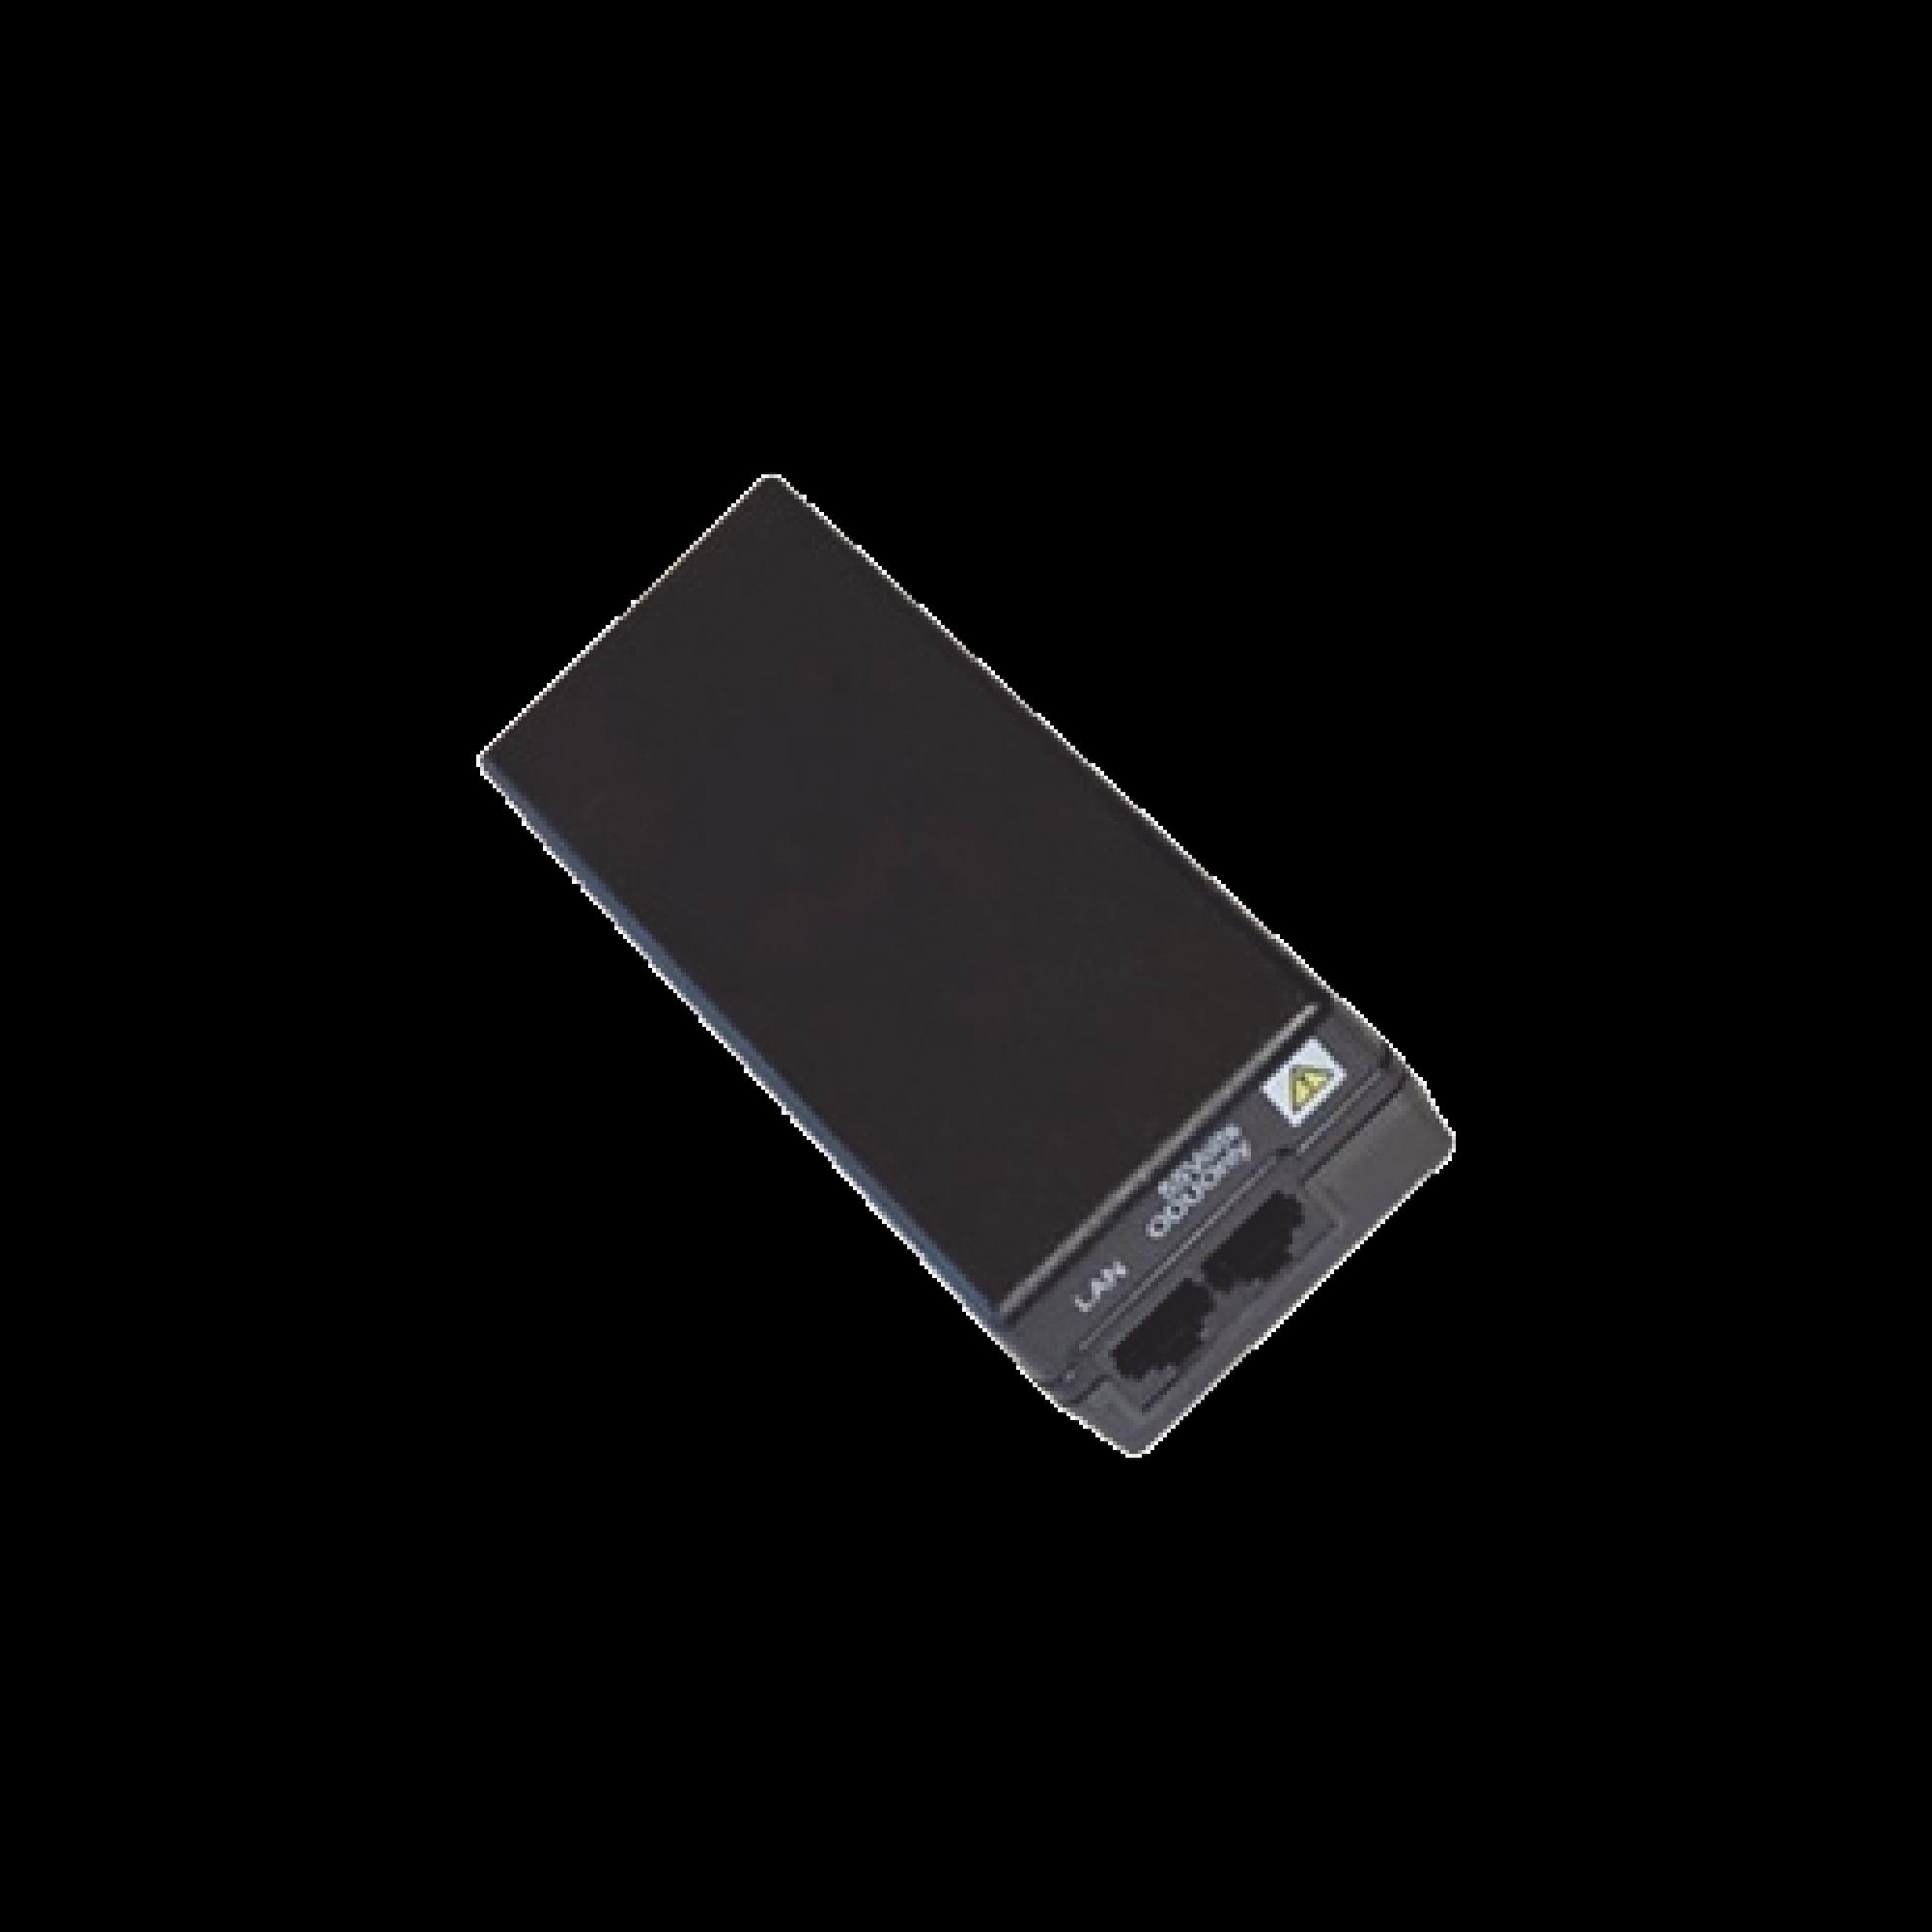 N000000L034A Fuente de alimentación PoE de 56Vcd 0.5A (30 Watts) para equipos cnPilot, PMP 450 y PTP 450, incluye cable de corriente